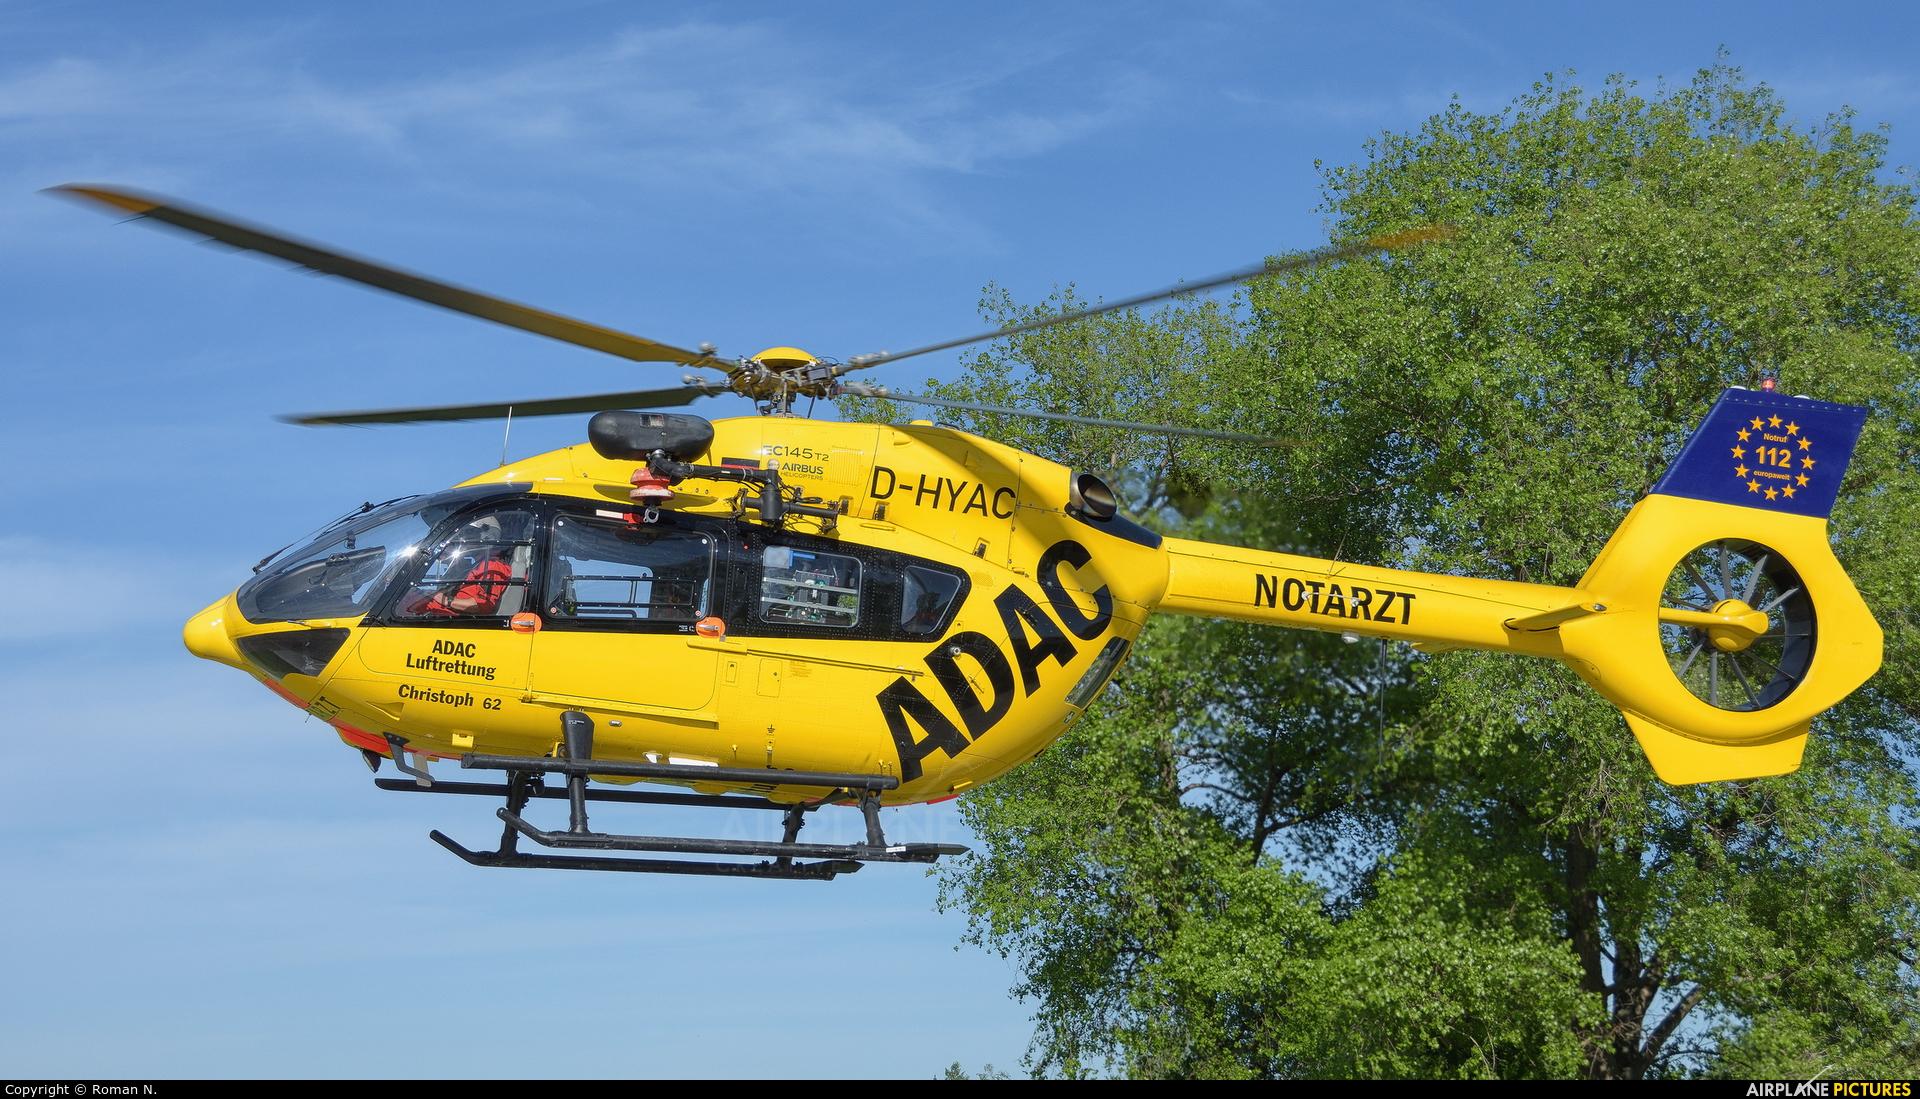 ADAC Luftrettung D-HYAC aircraft at Bautzen